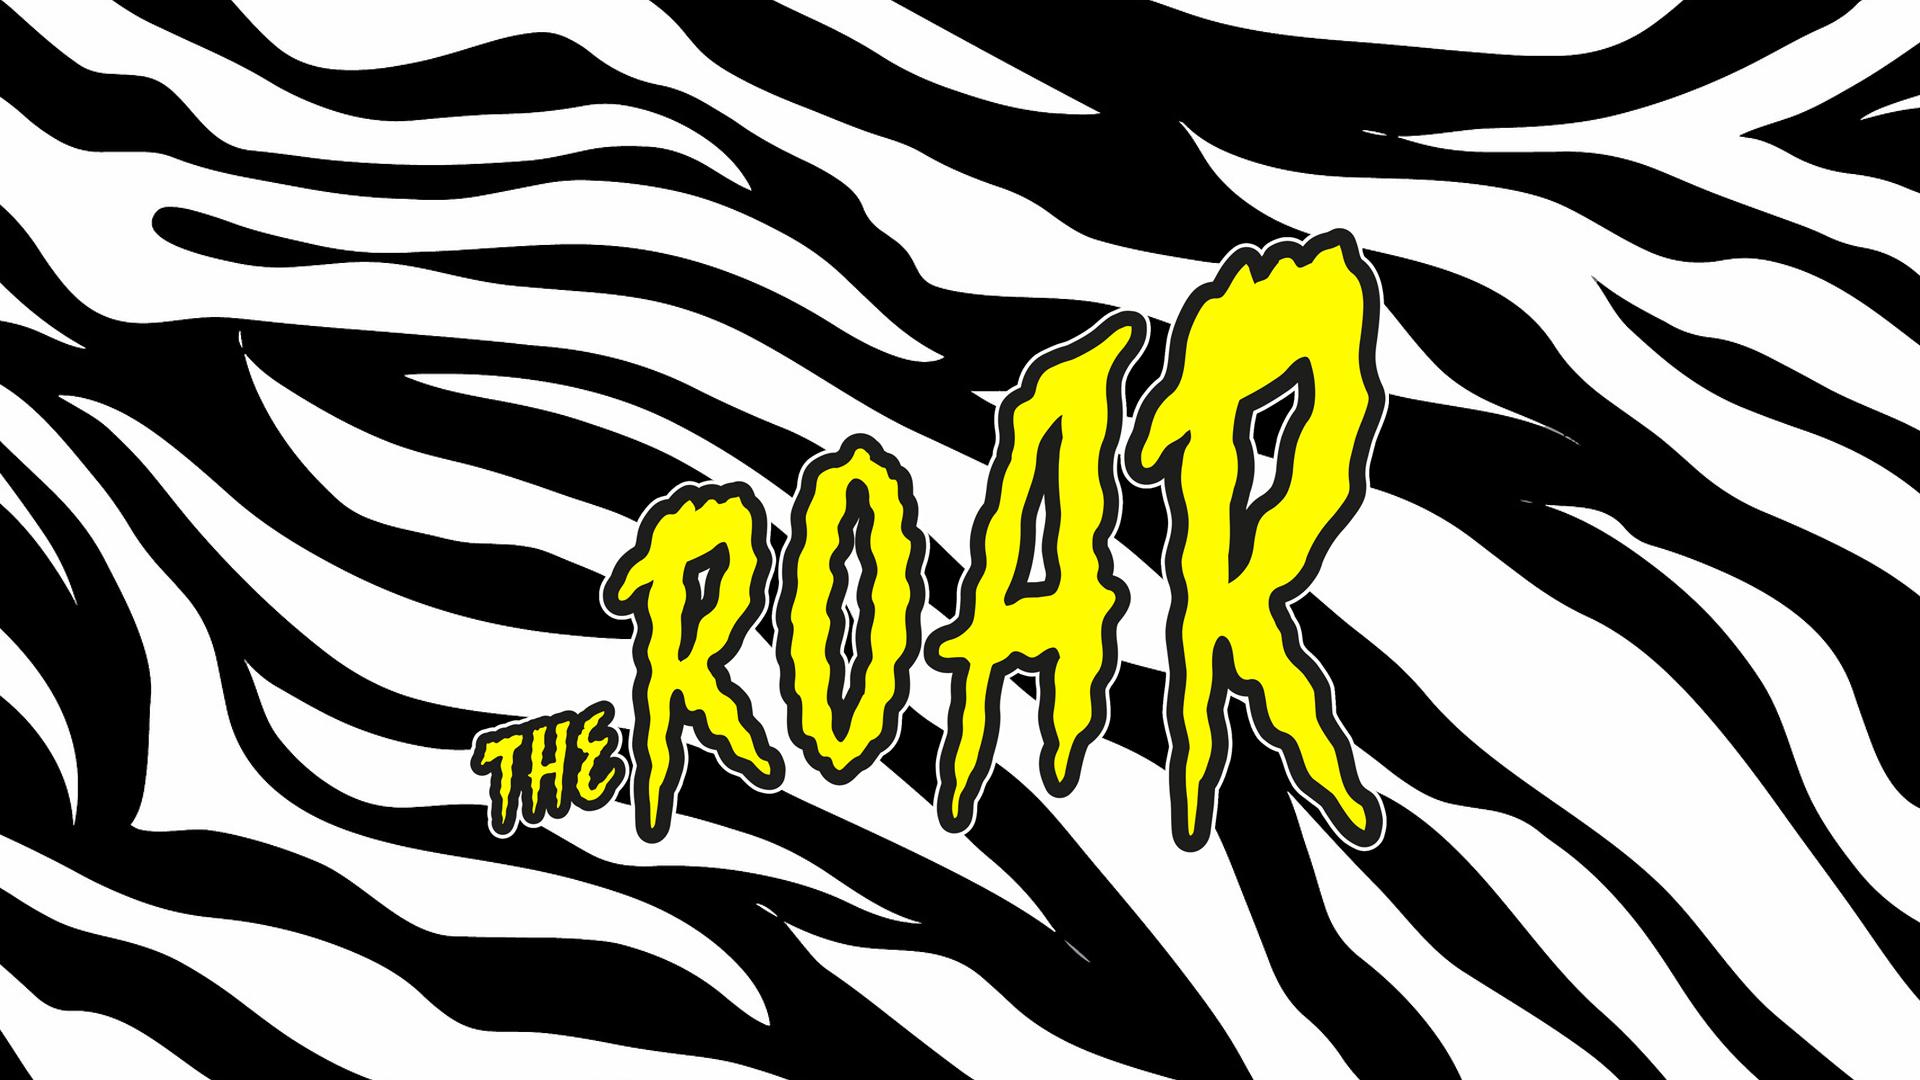 The Roar: Gratis muziekfestival met vrouwelijke line-up